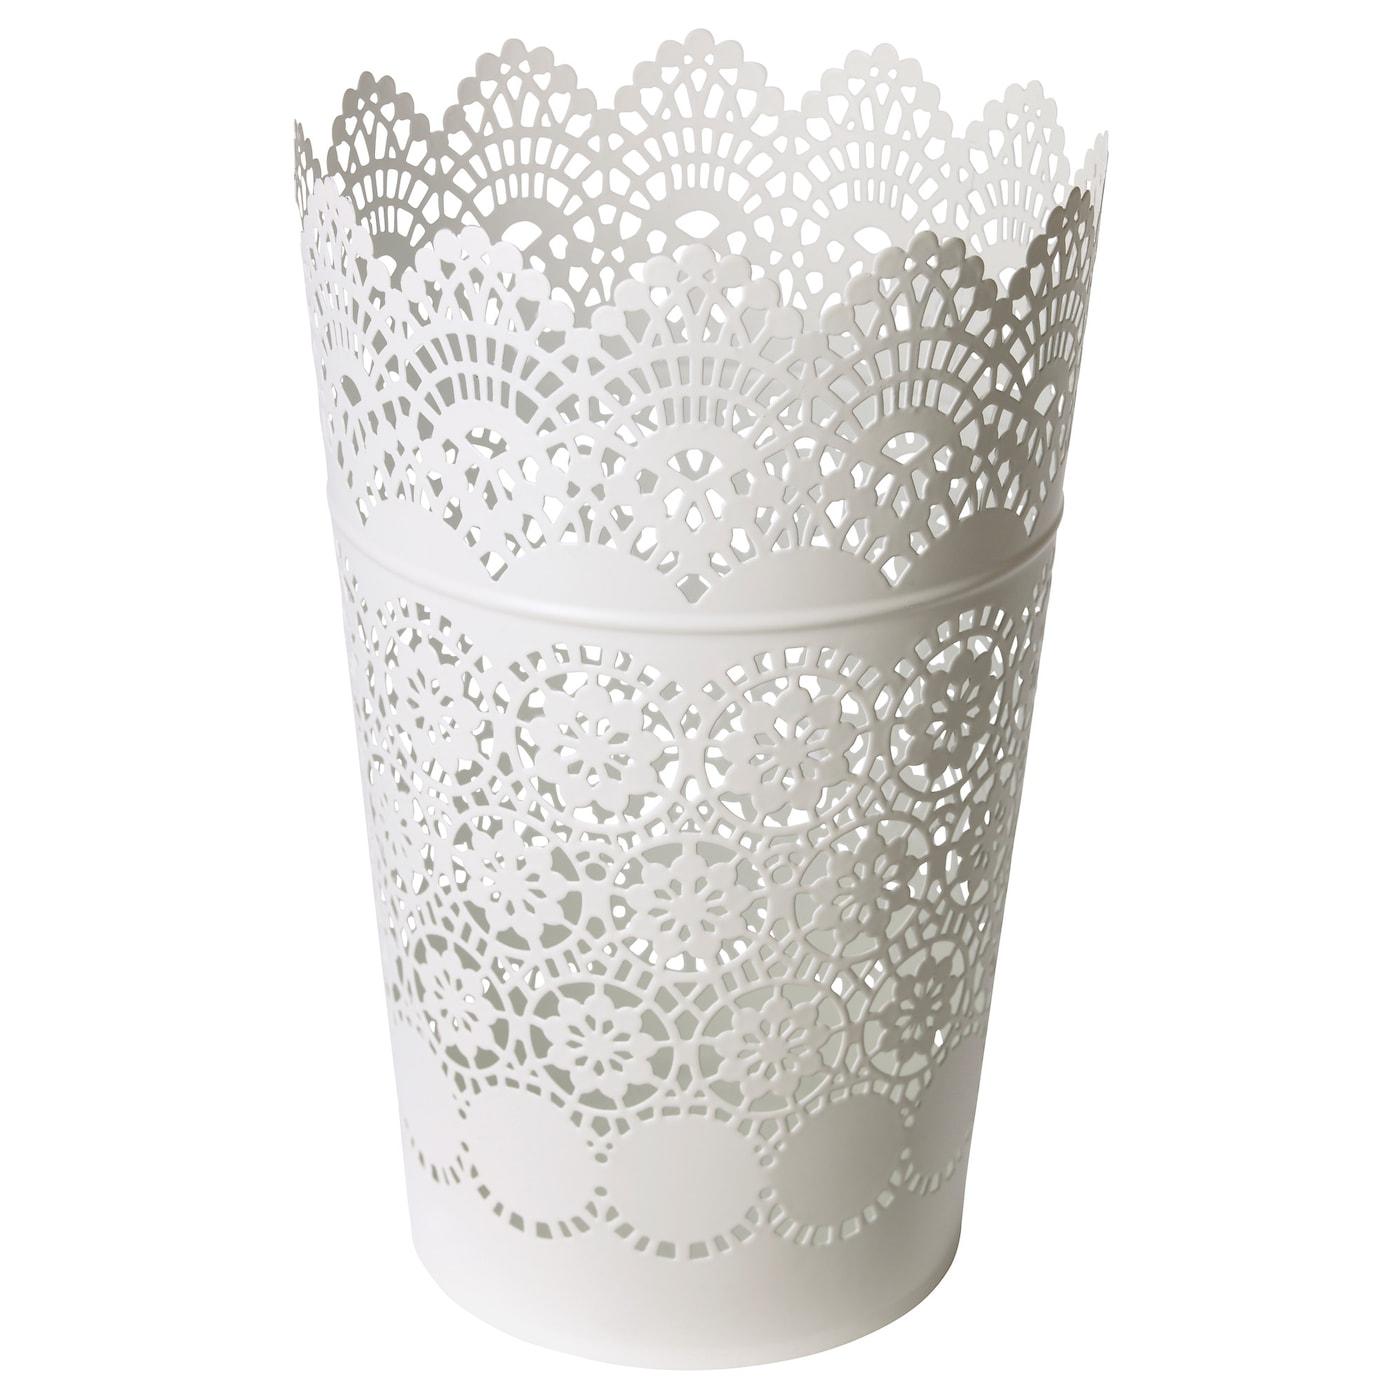 D Line Drawings Ikea : Skurar lanterne pour bougie bloc blanc cm ikea